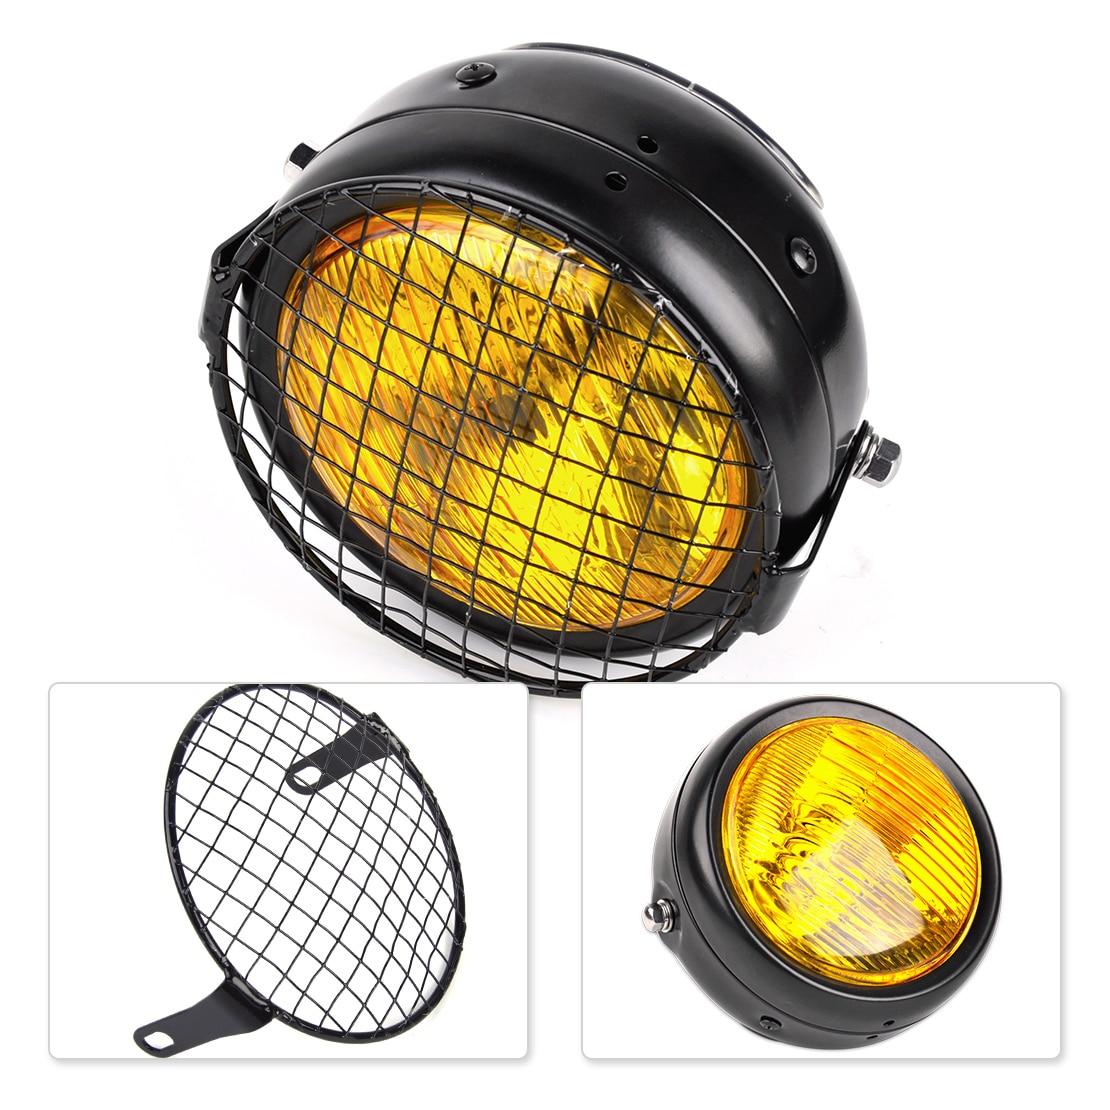 Beler rétro 12 V ambre lentille ronde lampe phare & gril couverture Vintage pour Harley Yamaha Bobber Chopper saleté moto Suzuki